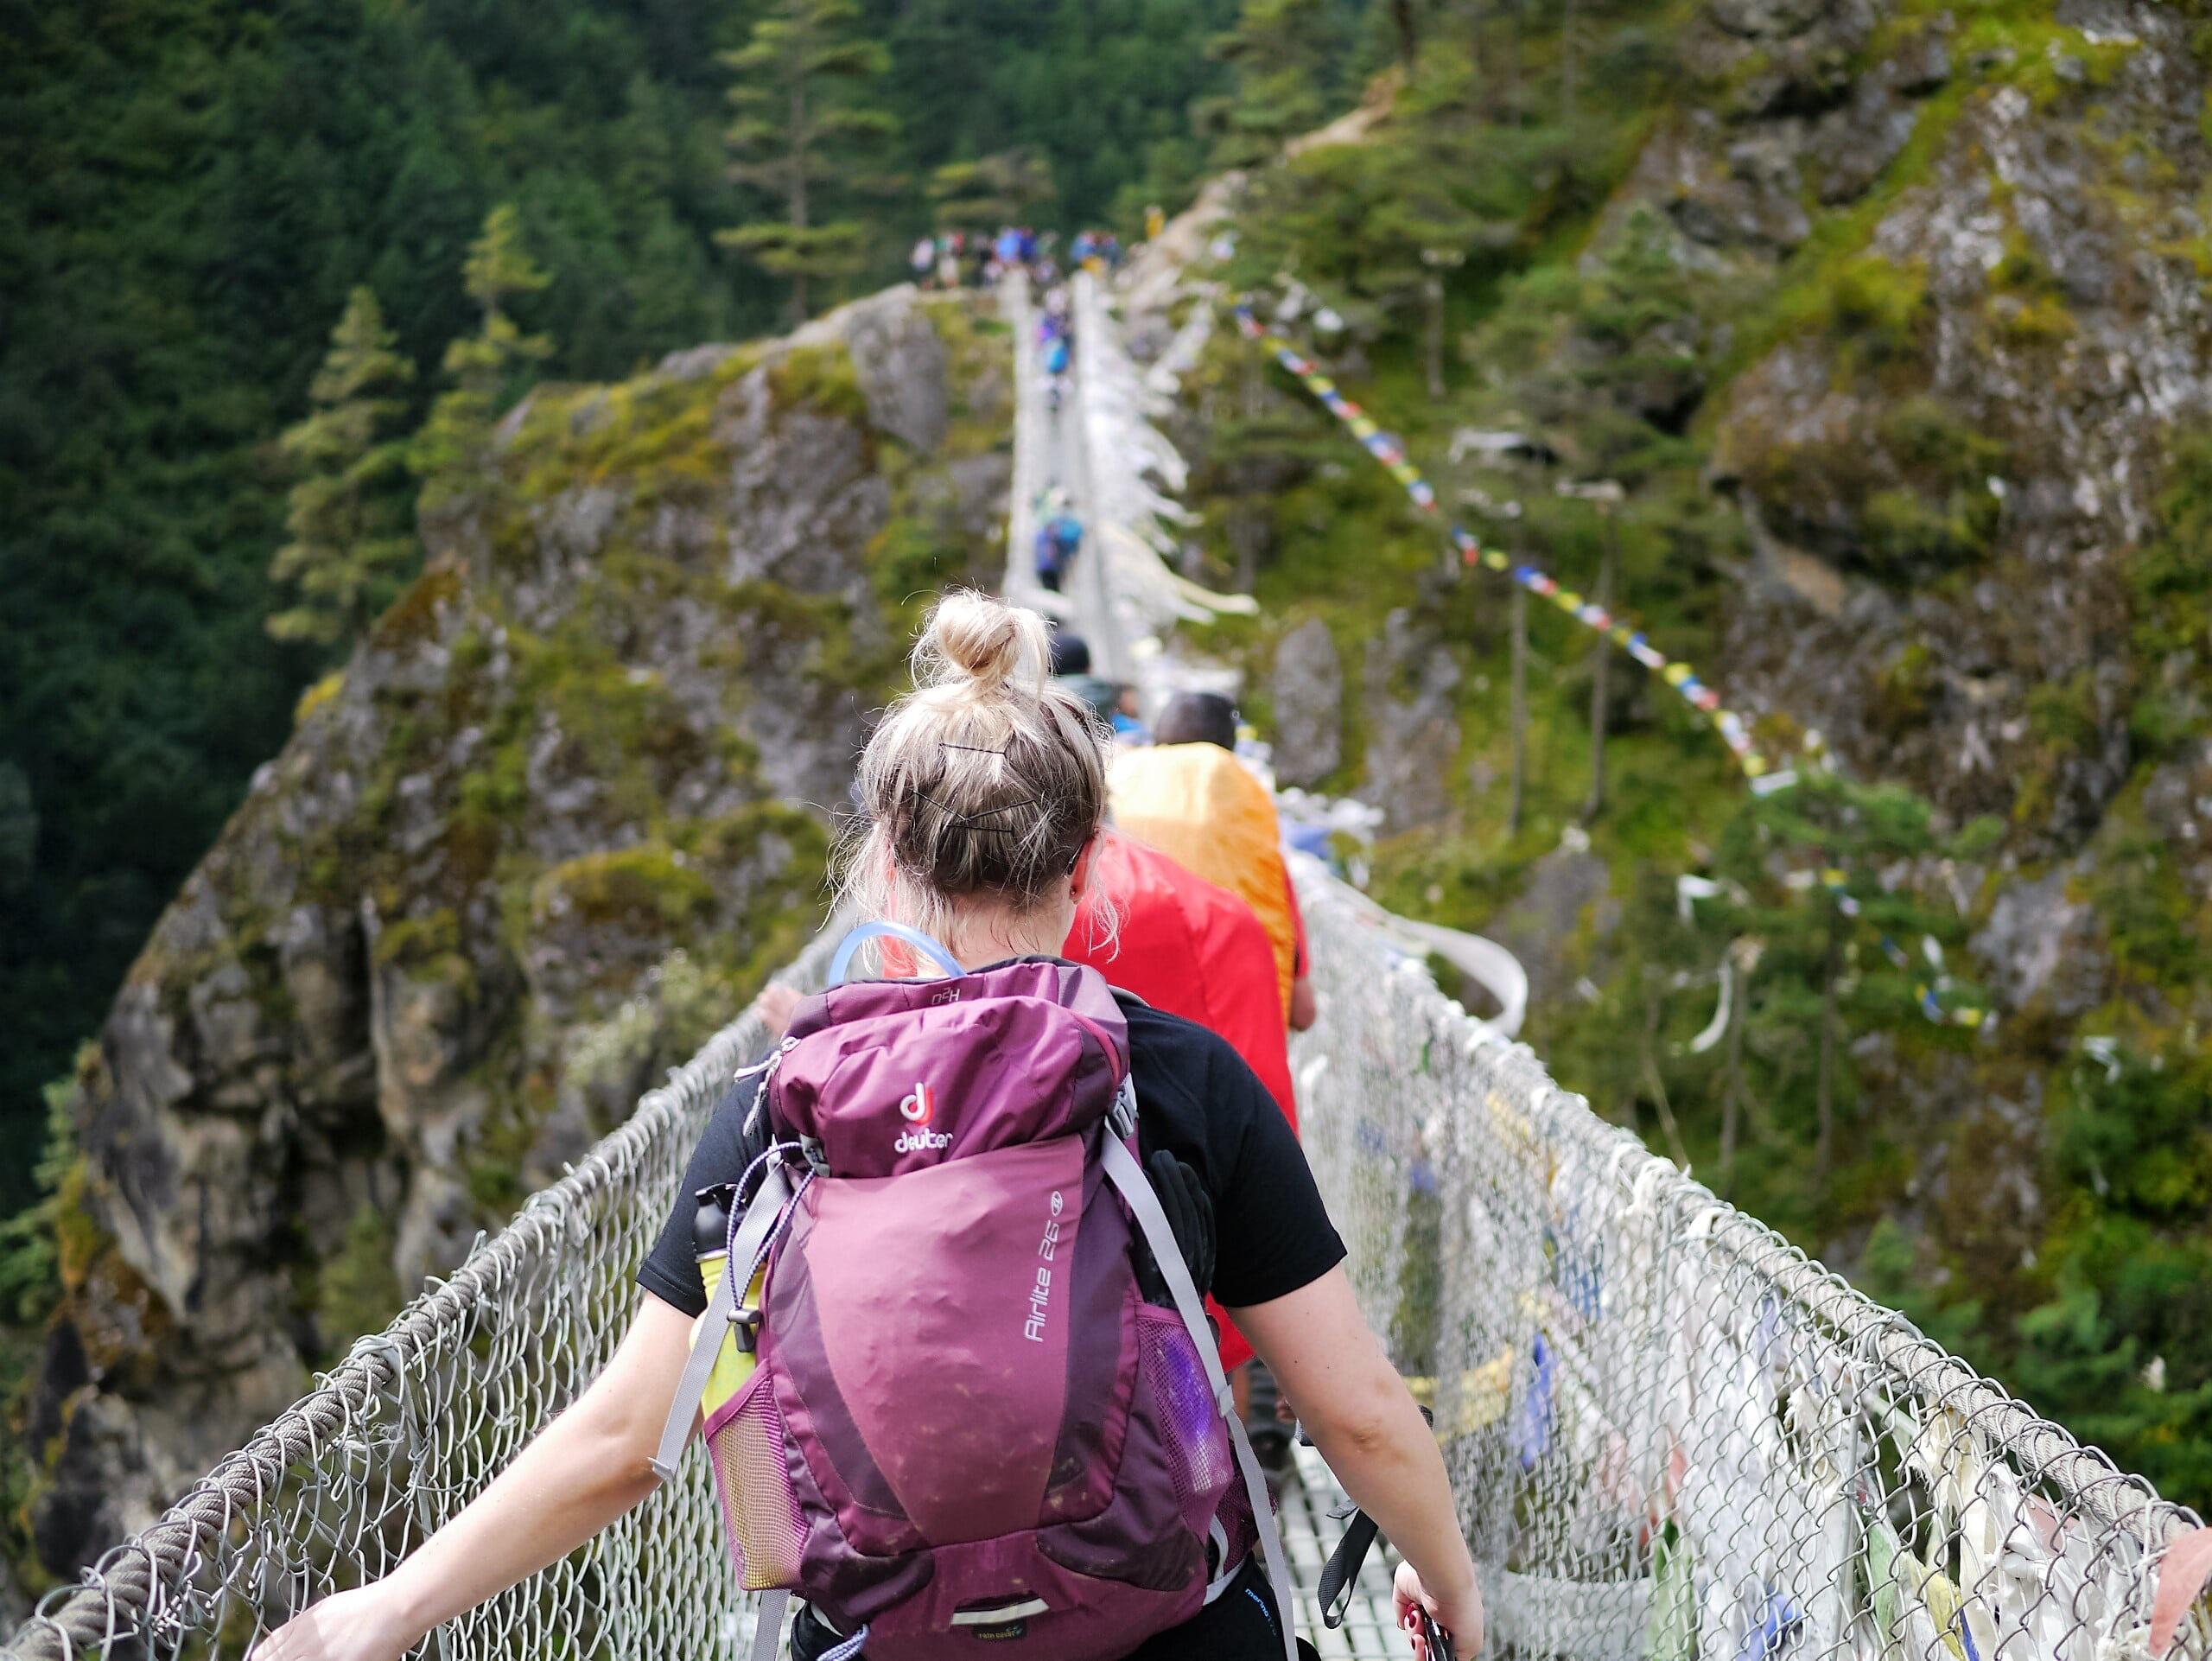 people on hanging bridge during daytime